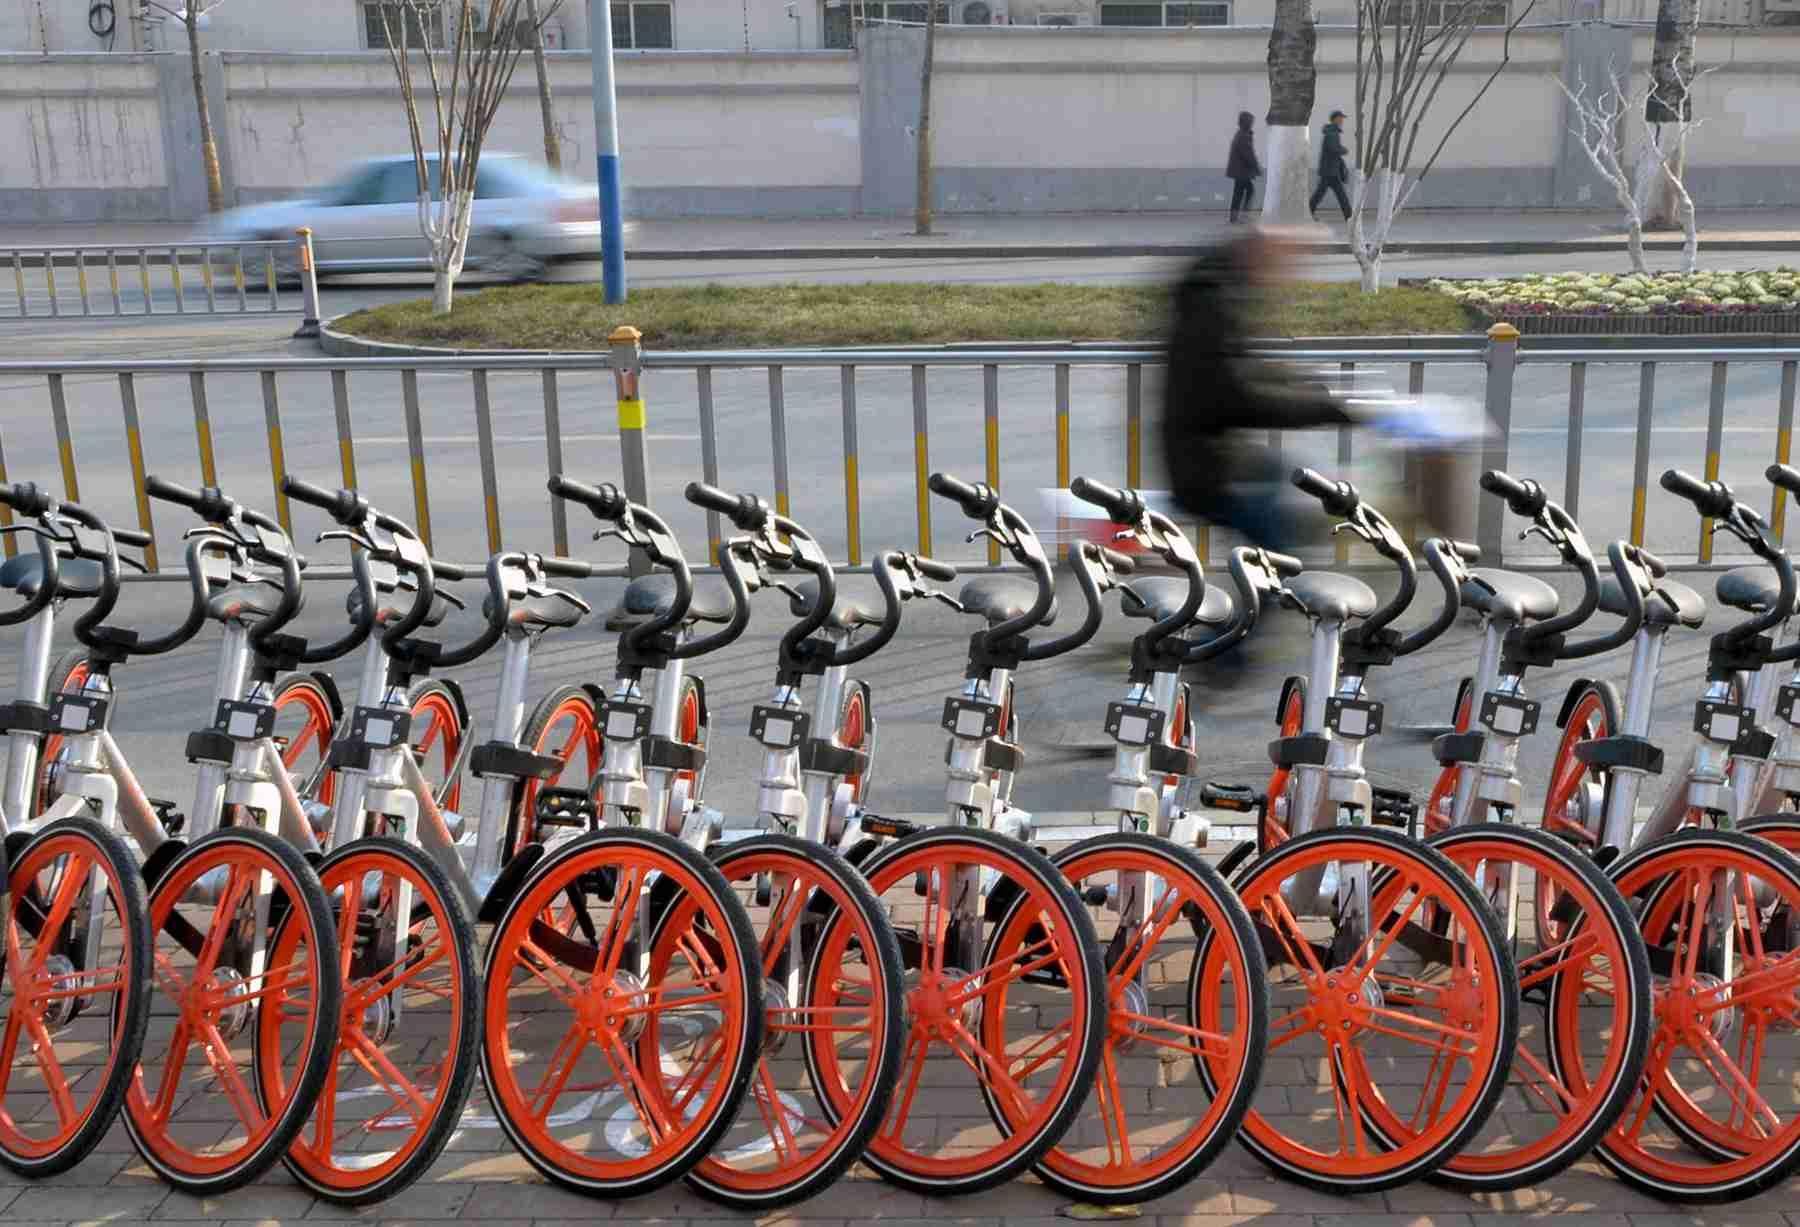 共享单车入下半场 加强监管避免跑偏